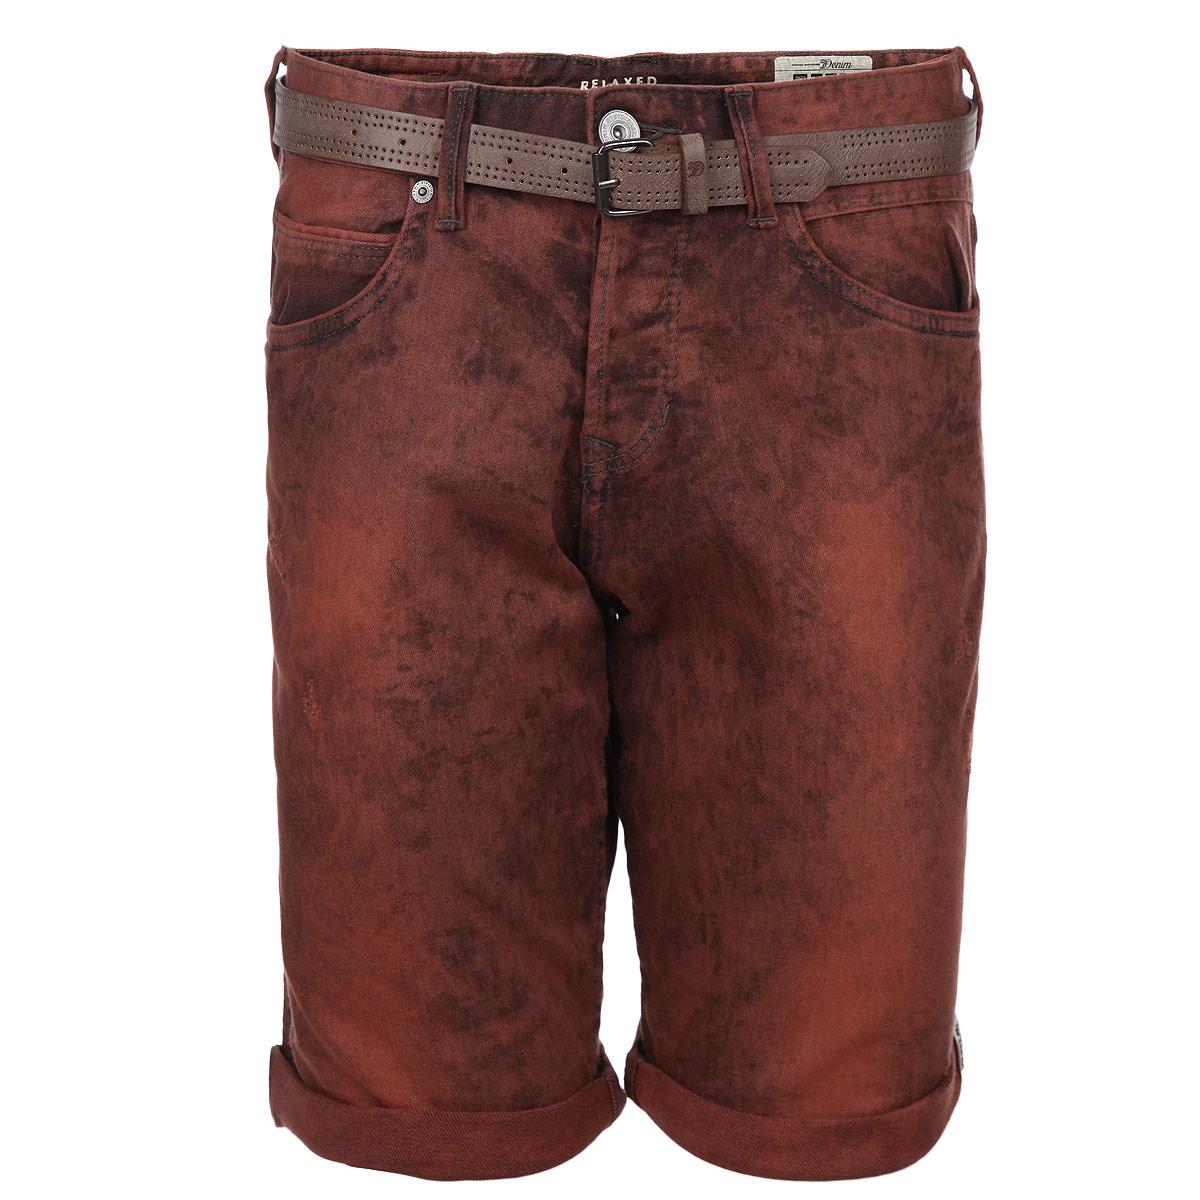 Шорты6203481.62.12_3510Стильные джинсовые шорты с отворотами Tom Tailor изготовлены из плотной хлопковой ткани, которая подарит вам максимальный комфорт и удобство в жаркую погоду. Модель прямого покроя с ширинкой на пуговицах, на талии также застегивается на пуговицу. Спереди шорты дополнены двумя втачными карманами и одним небольшим секретным кармашком, сзади расположены два больших накладных кармана. Модель удачно дополняет ремень из искусственной кожи с металлической пряжкой. Стильные мужские шорты - удобный и практичный элемент летнего гардероба.